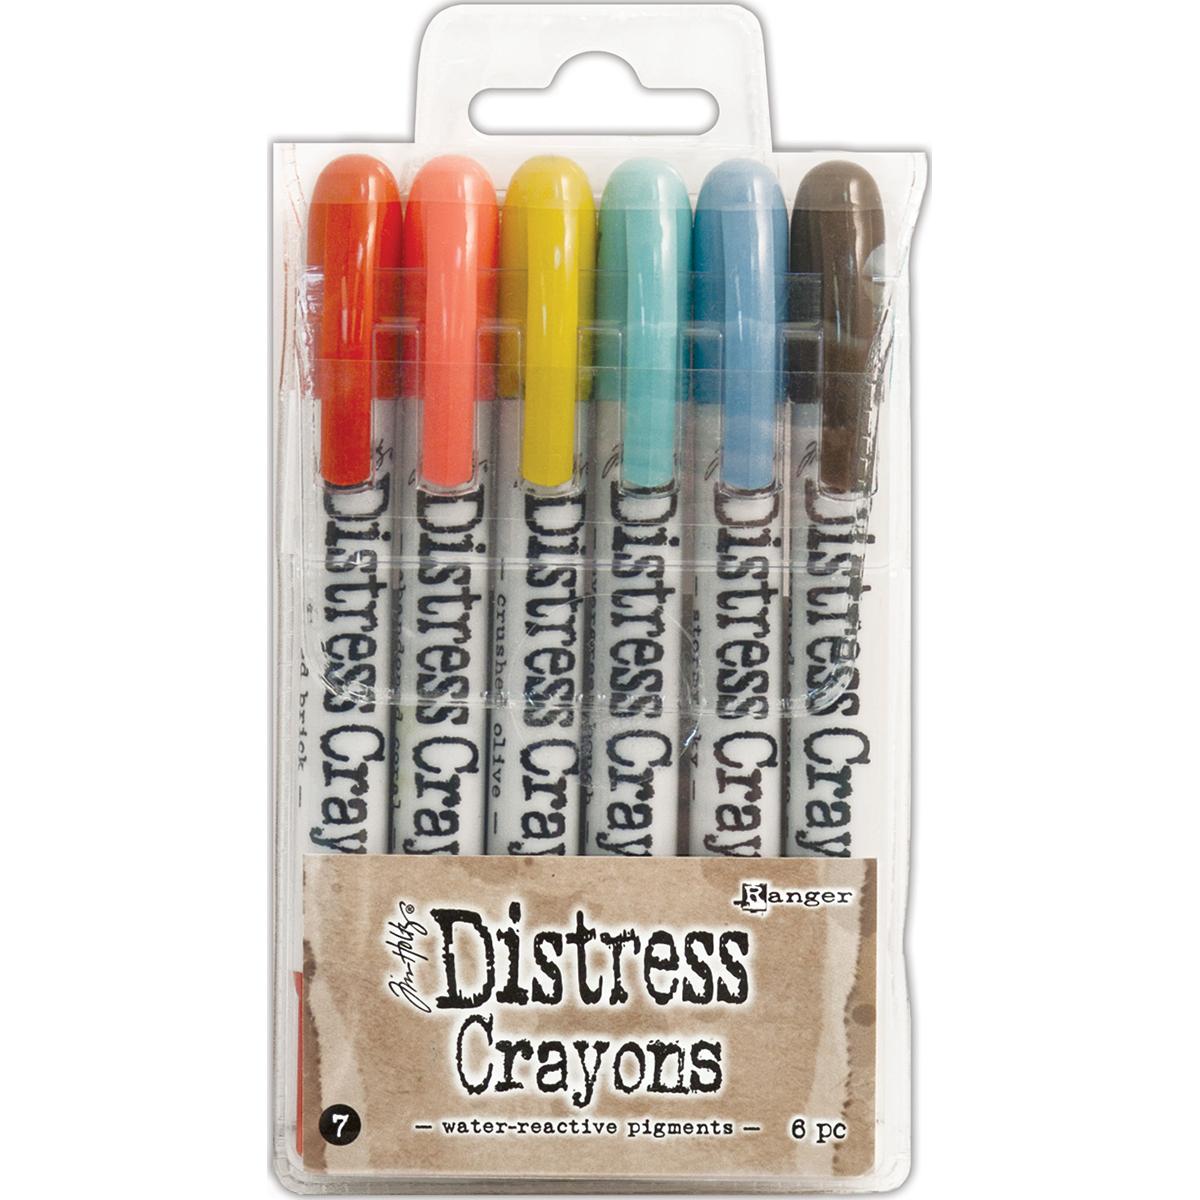 DISTRESS CRAYONS #7